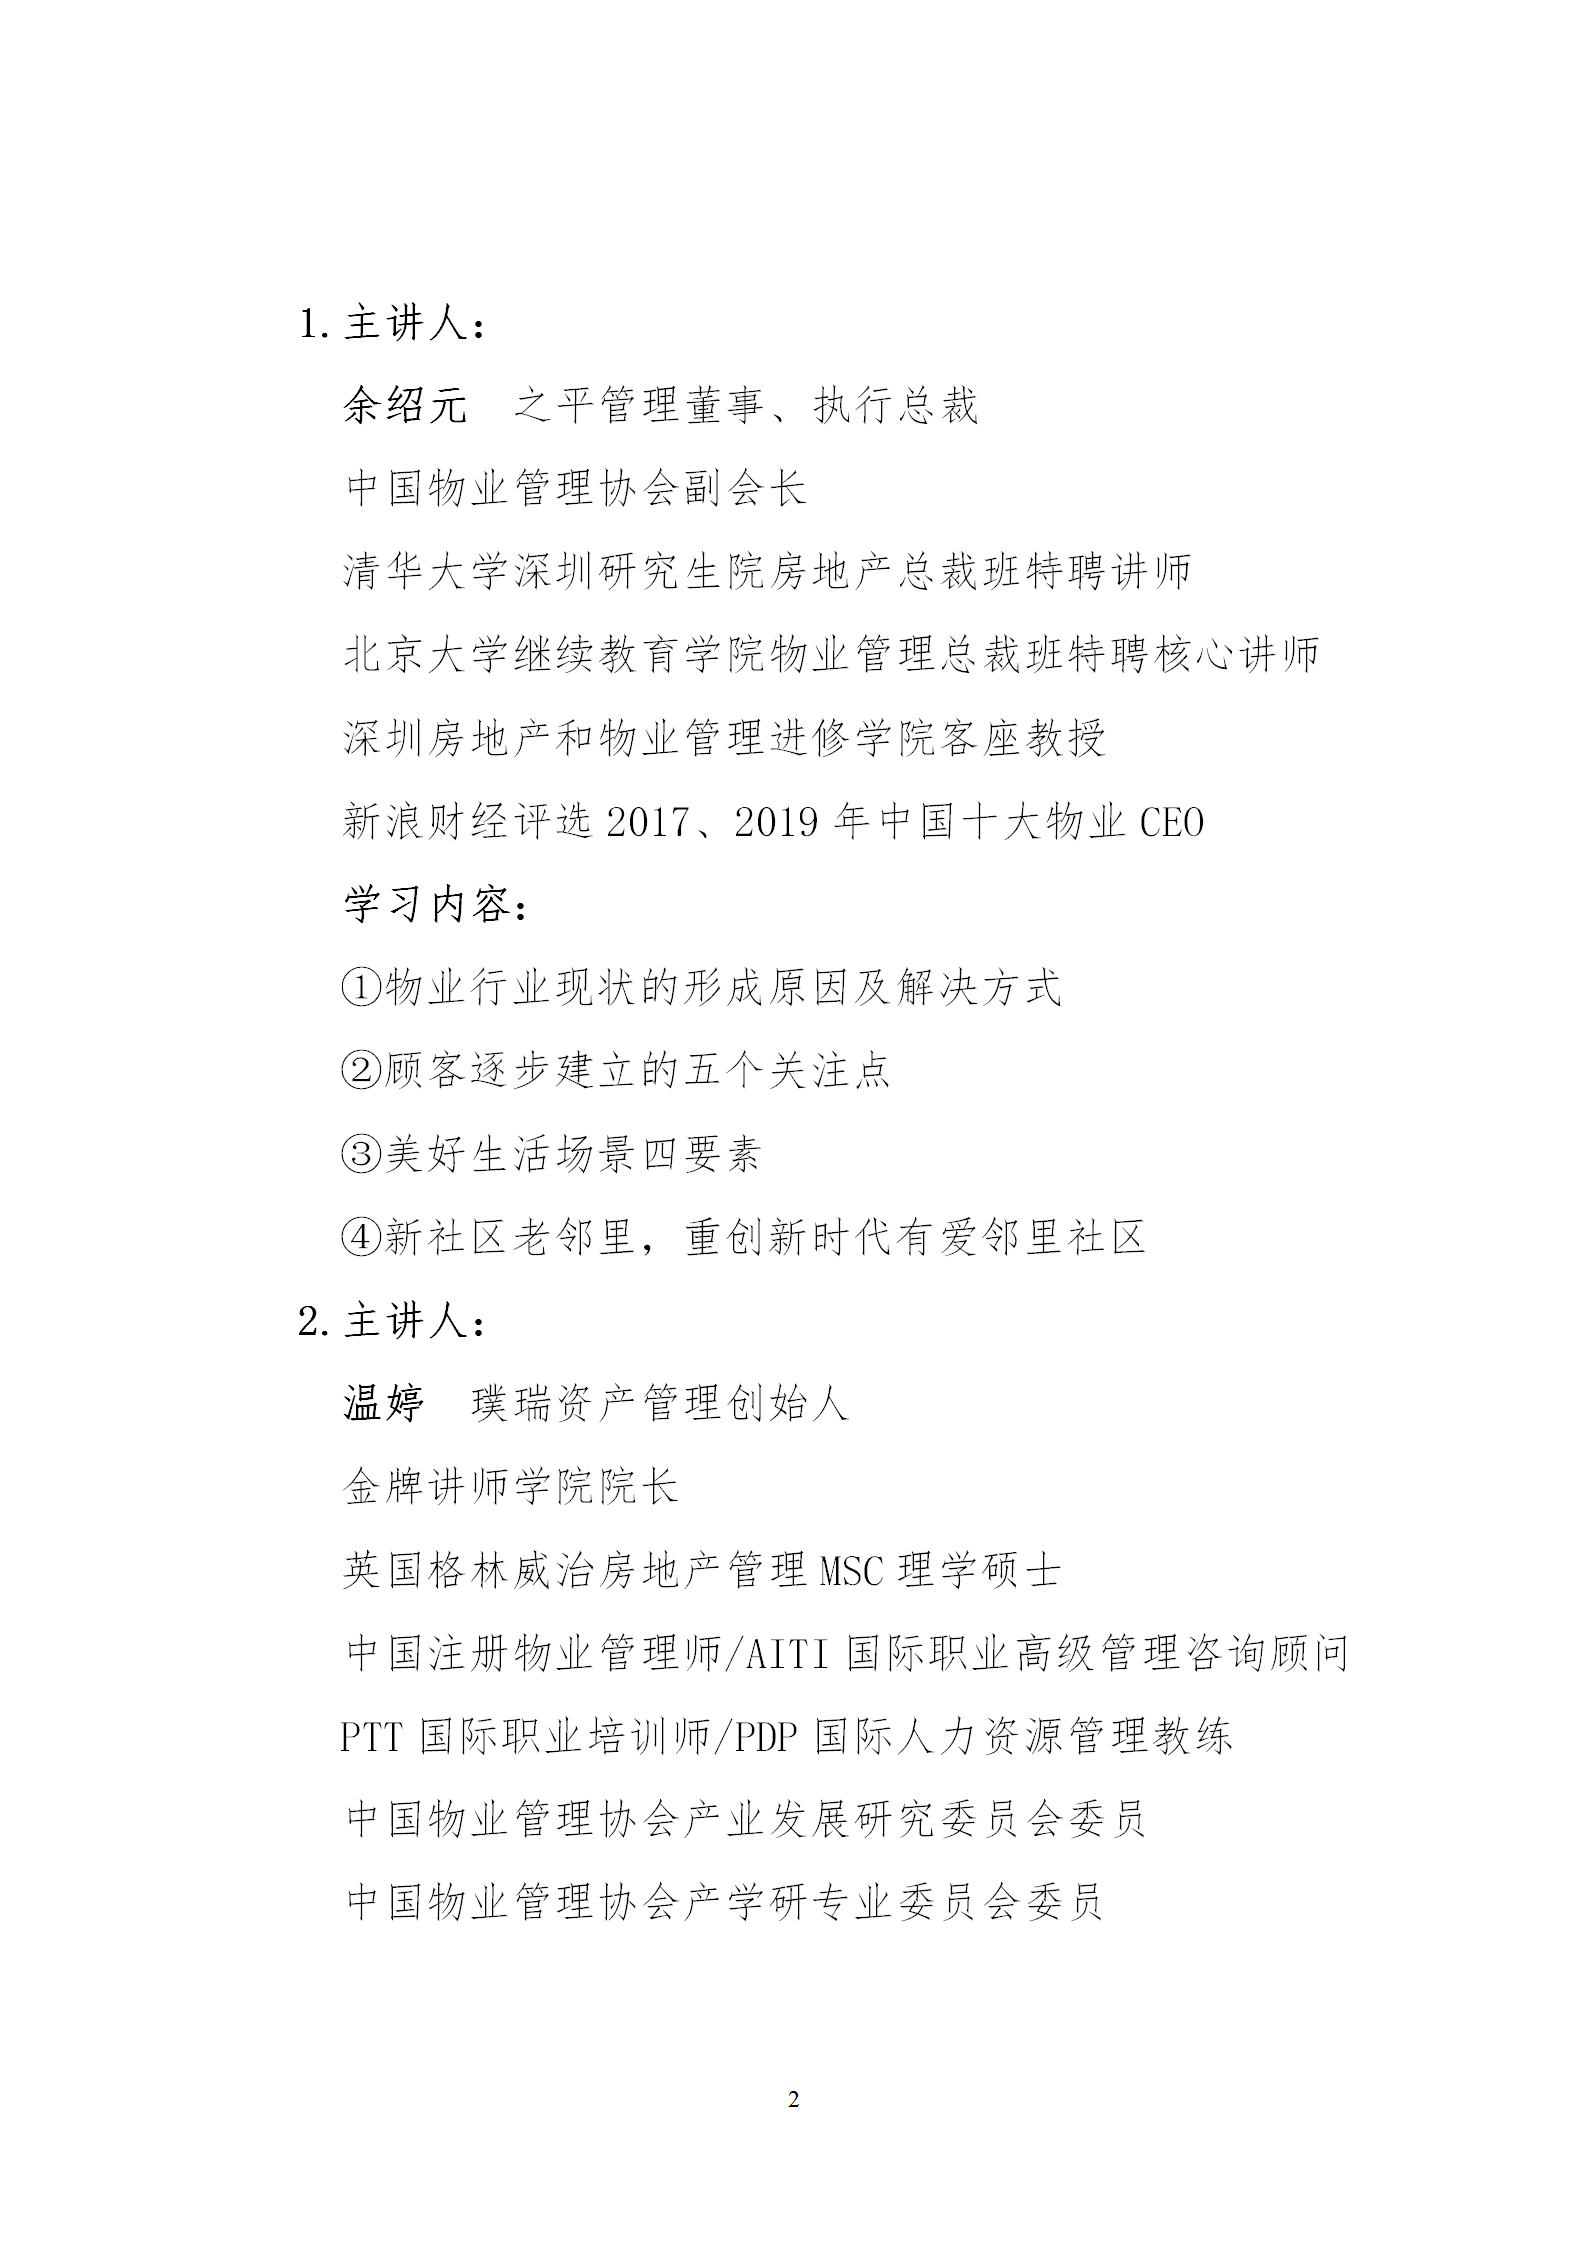 洪物协字[2020]13号关于举办南昌市物业管理行业专家高级研修班的通知_02.png